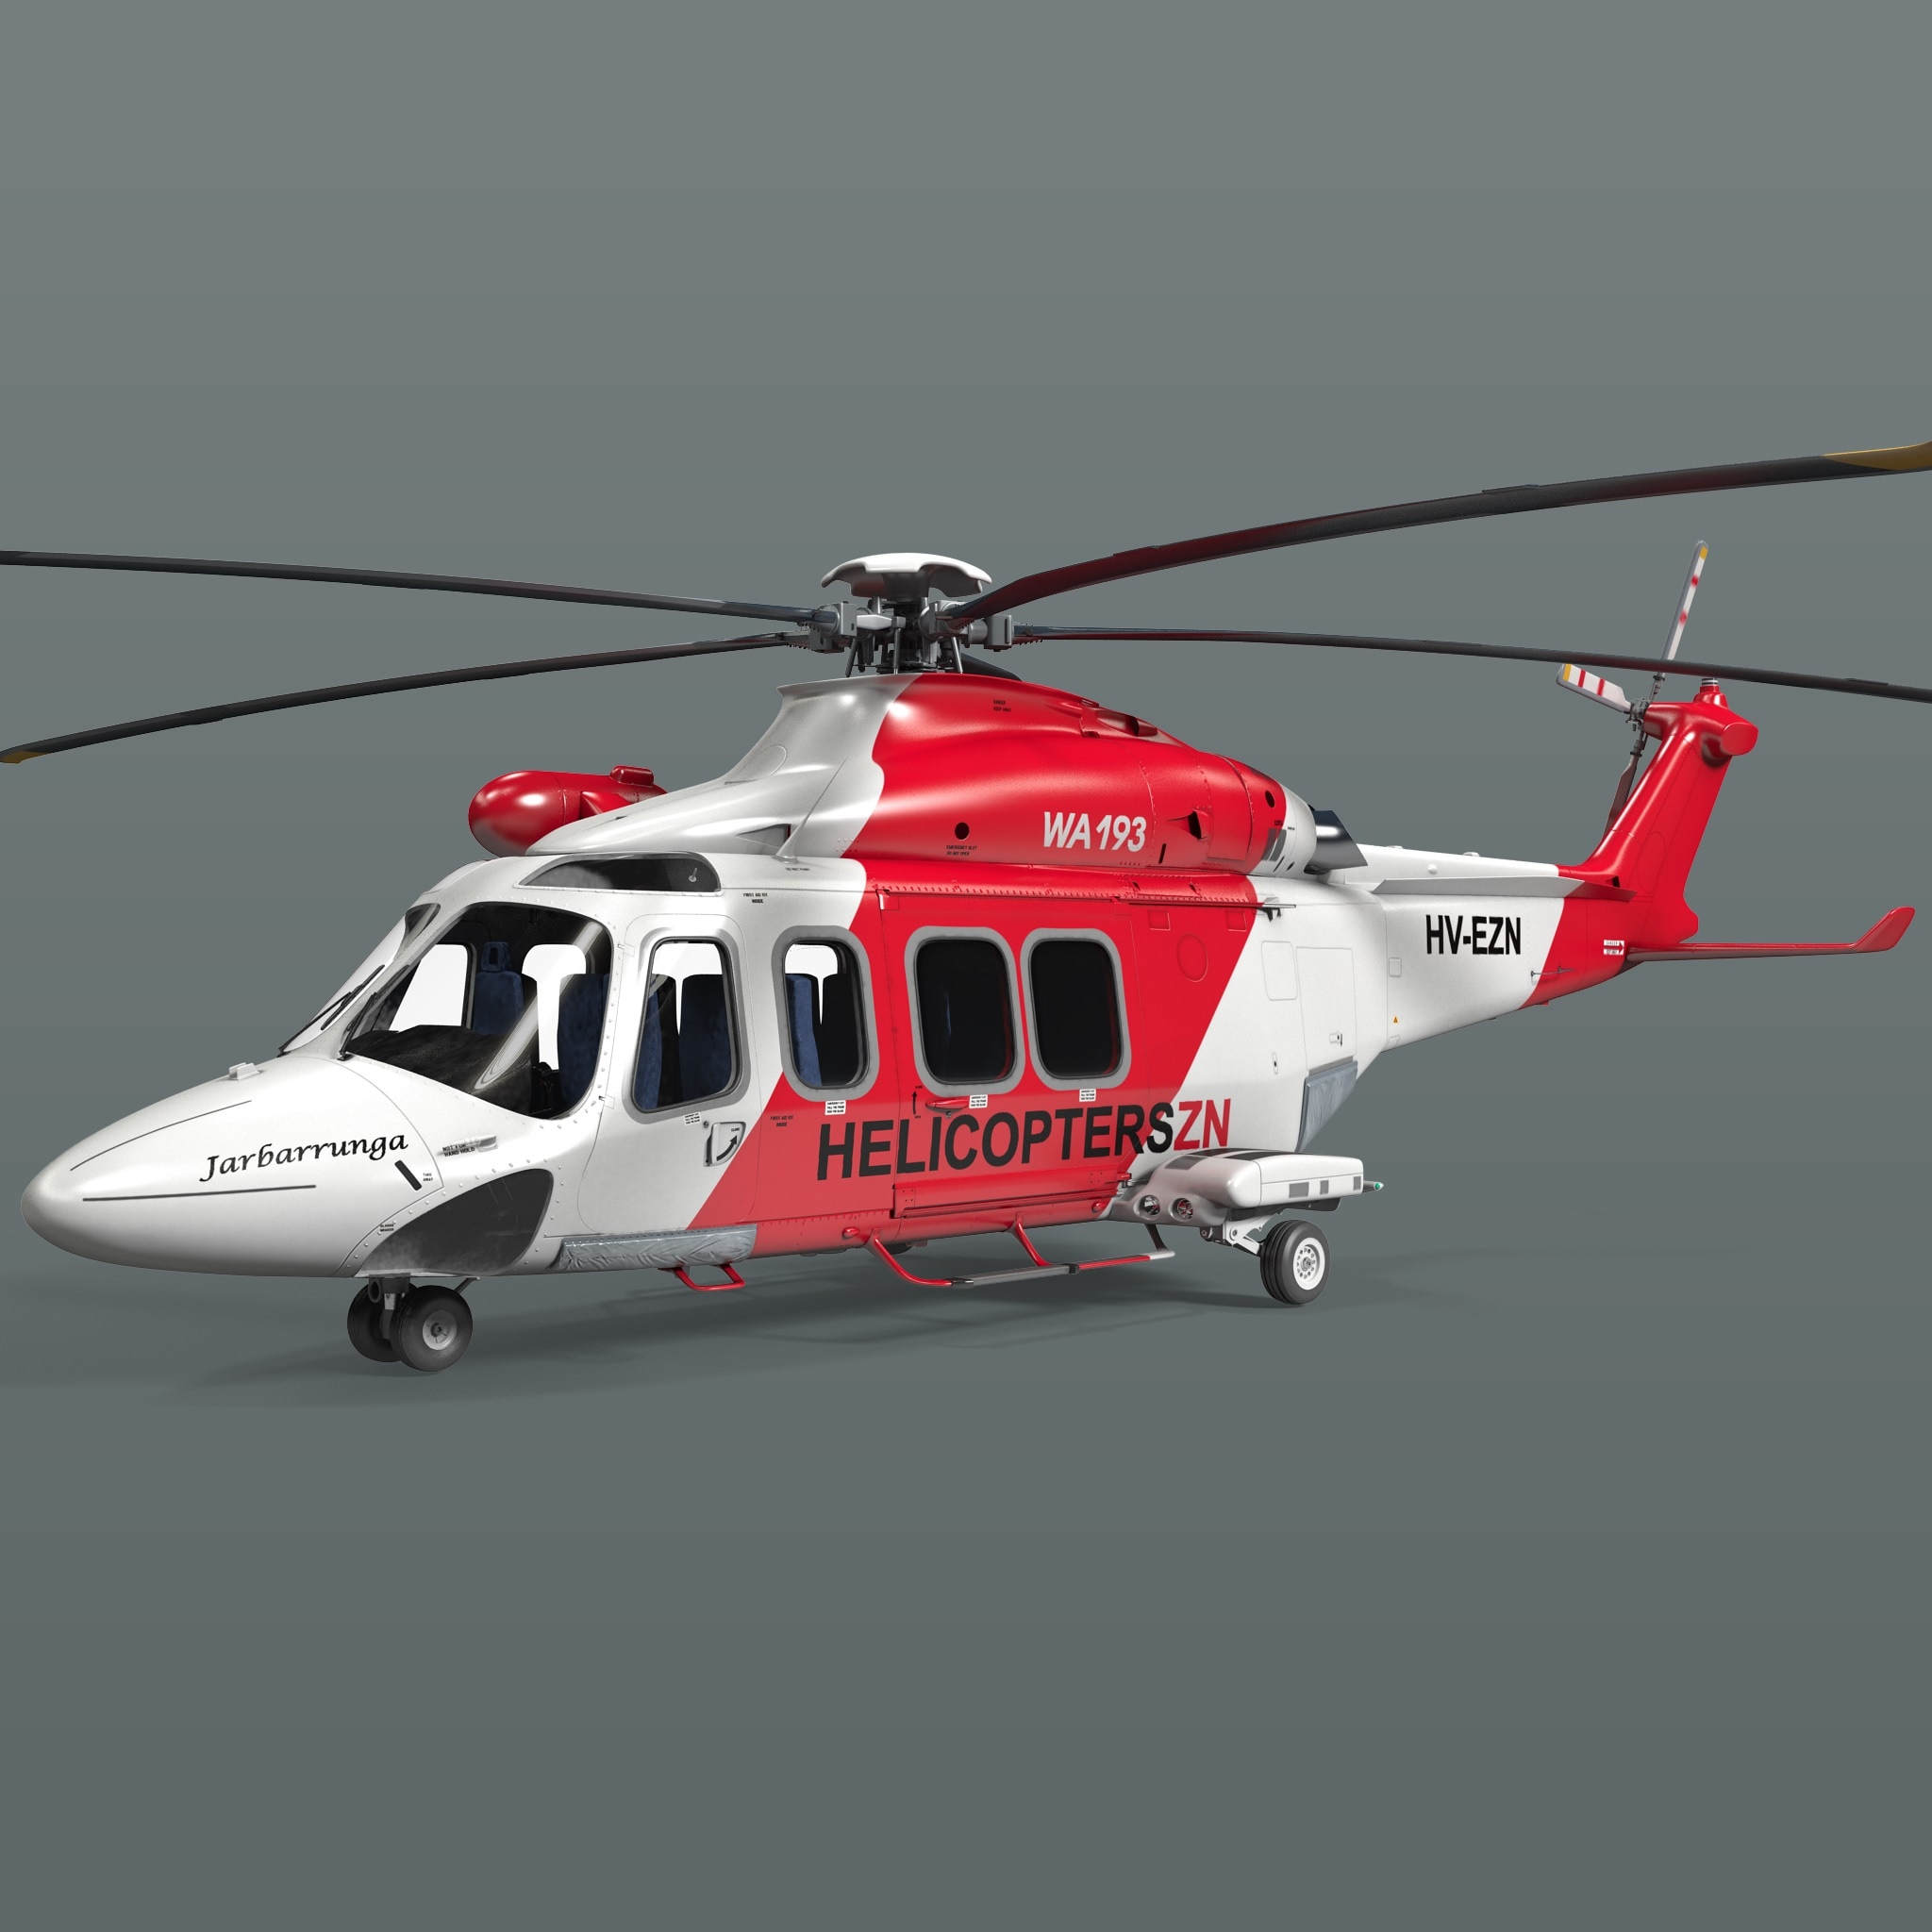 AgustaWestland AW139_2.jpg